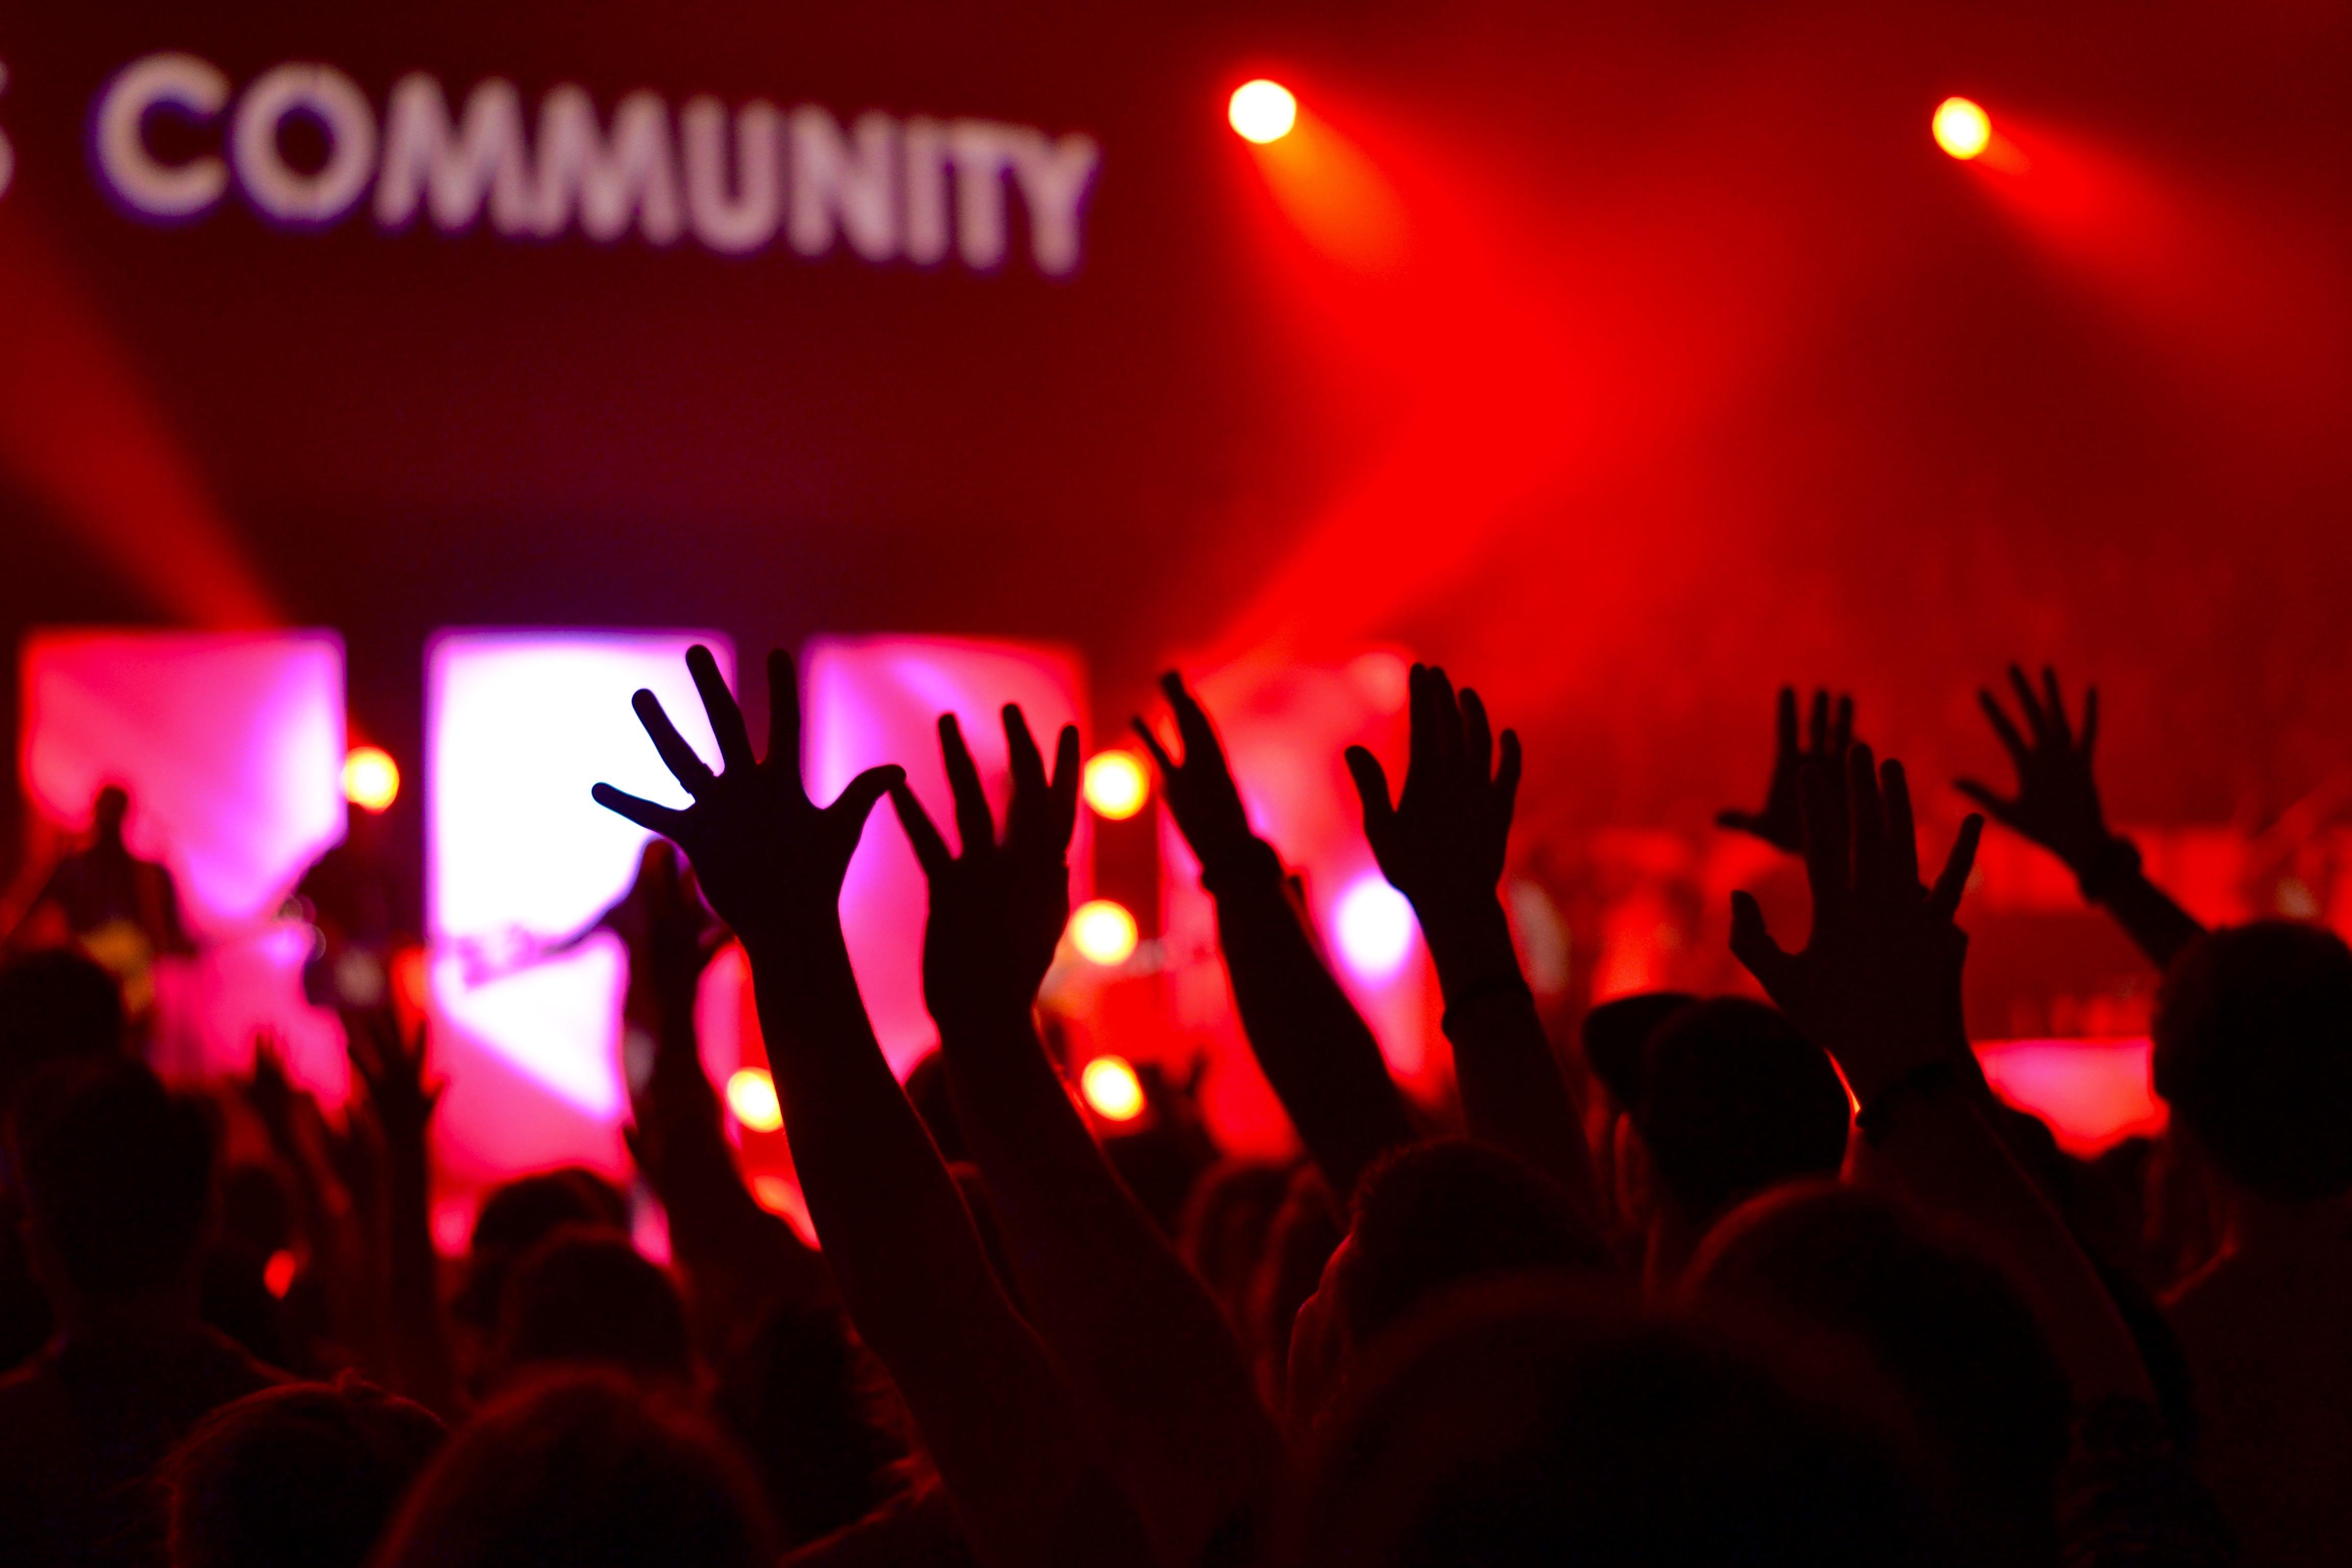 Creativity needs community